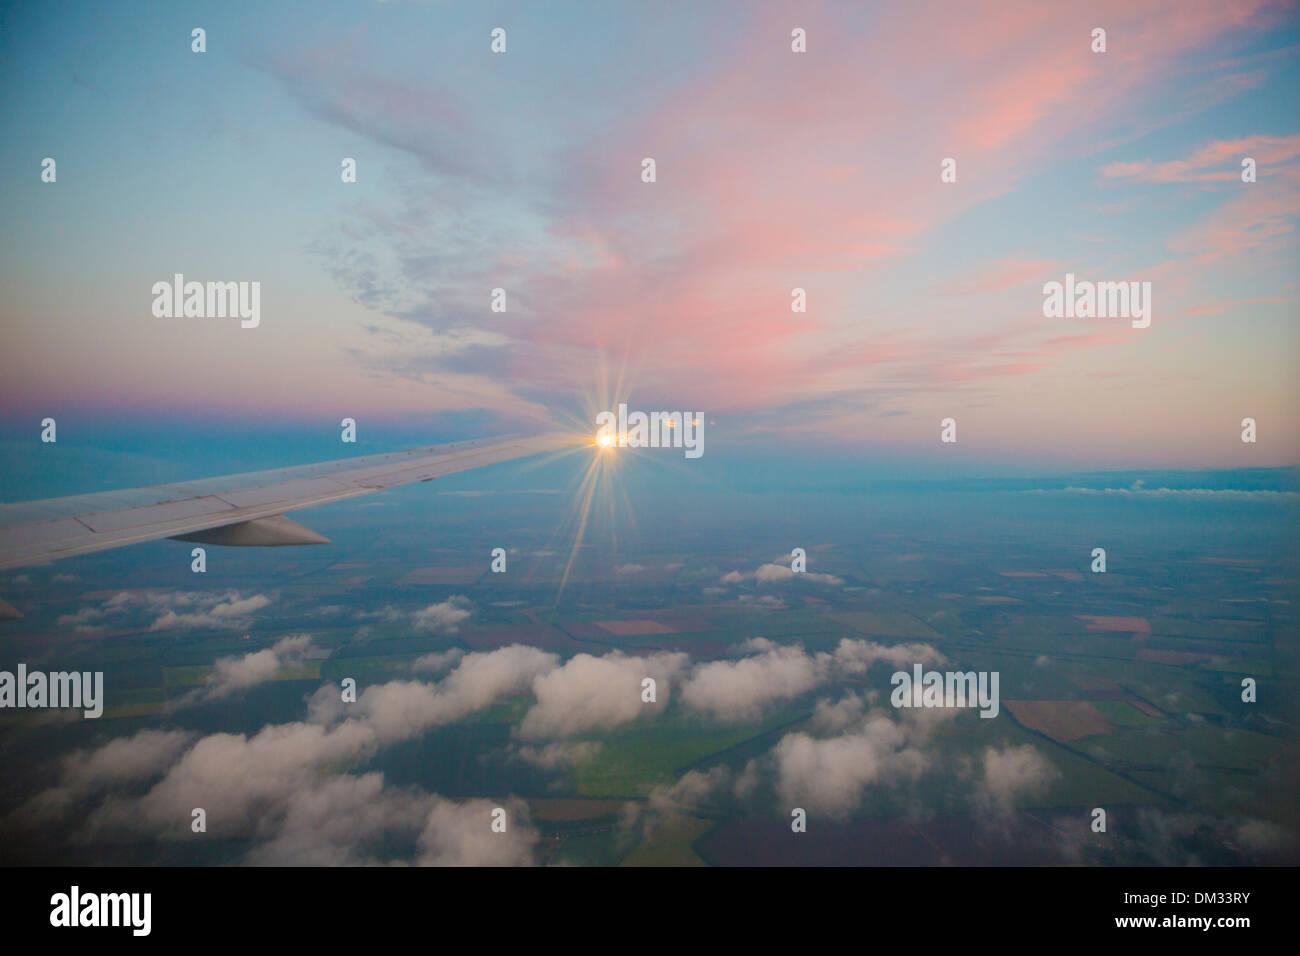 Aeroplano, cloud, nuvole, volo, luce del tramonto, viaggio, viaggio, vacanza, volare, parafango Foto Stock